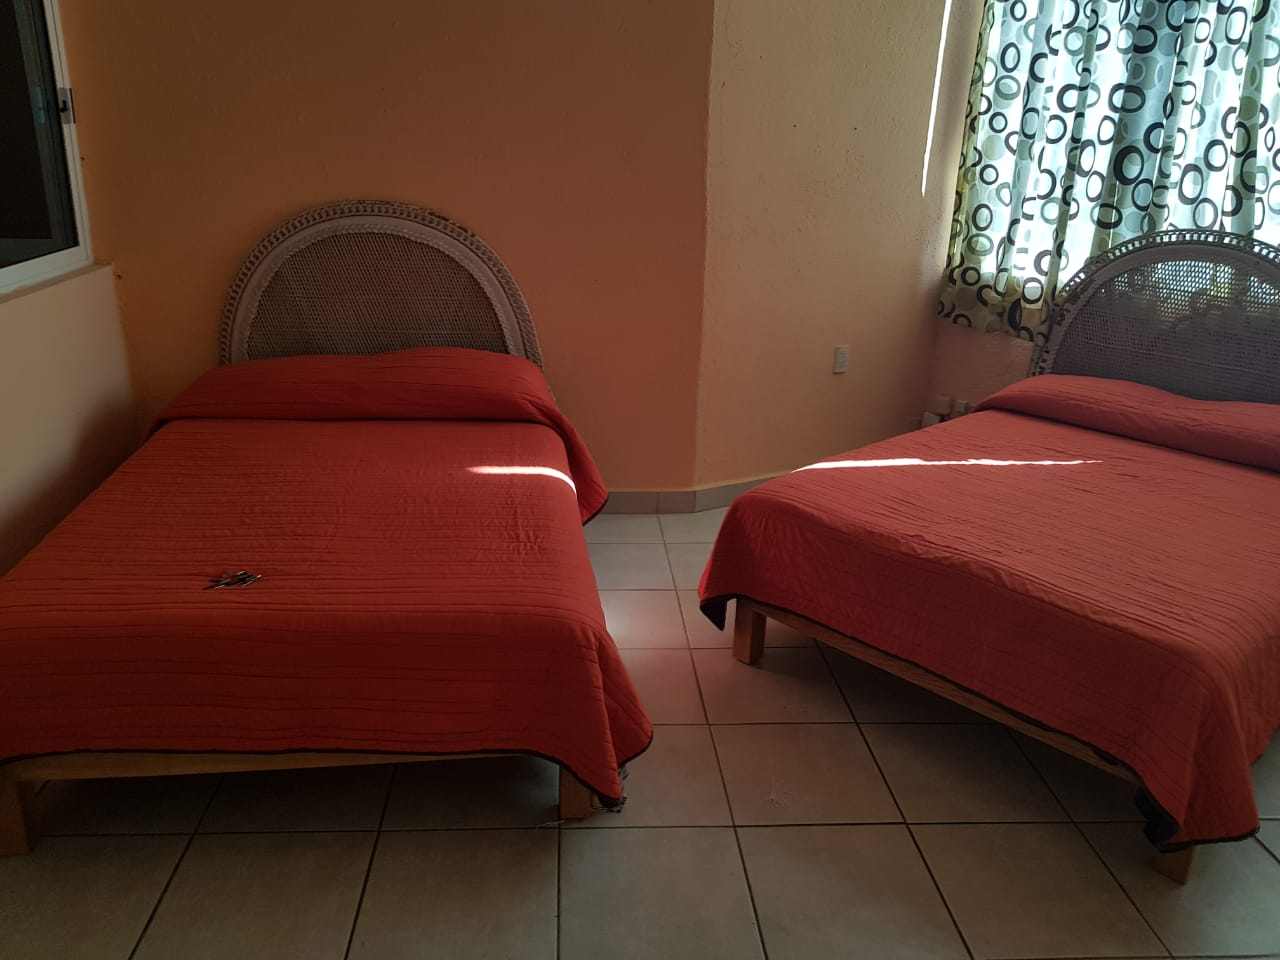 Departamento en renta por mes en el Fraccionamiento Condesa en Acapulco